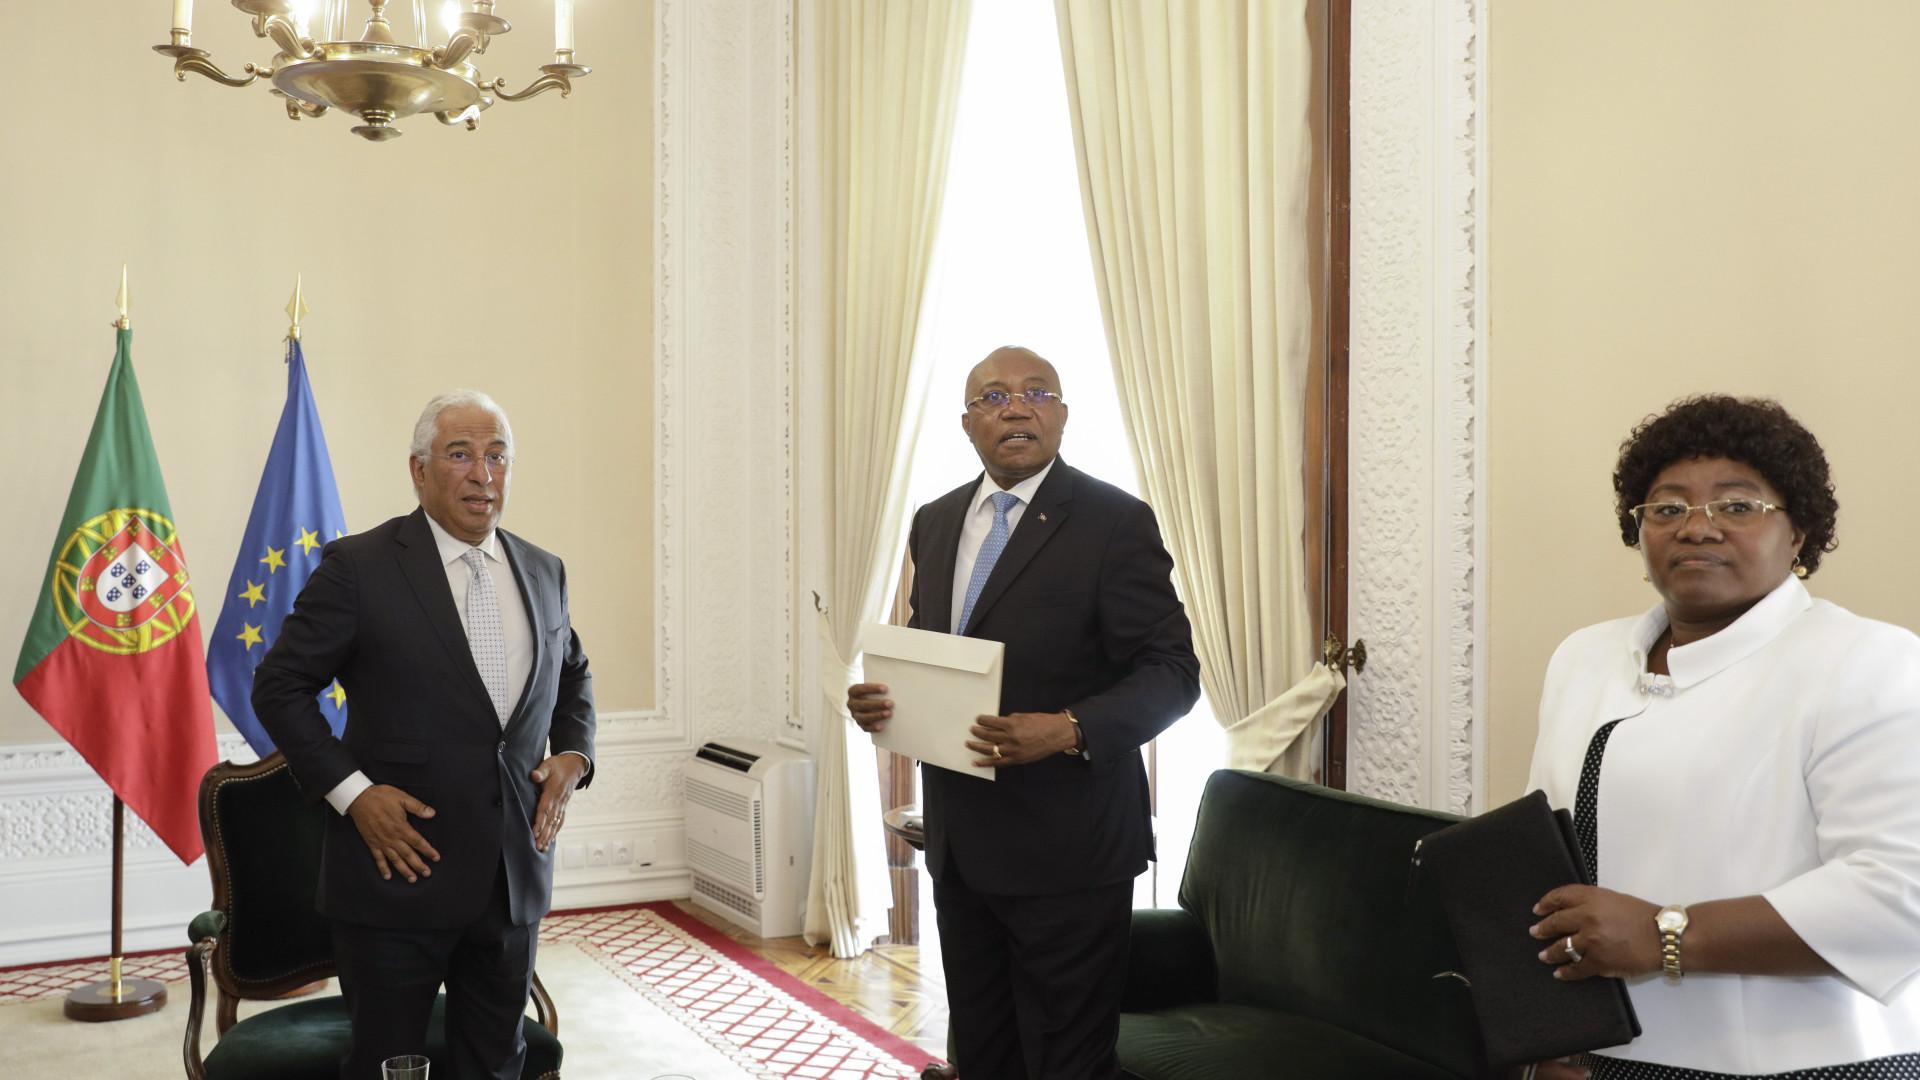 """Costa recebe carta do Presidente angolano como """"sinal das boas relações"""""""